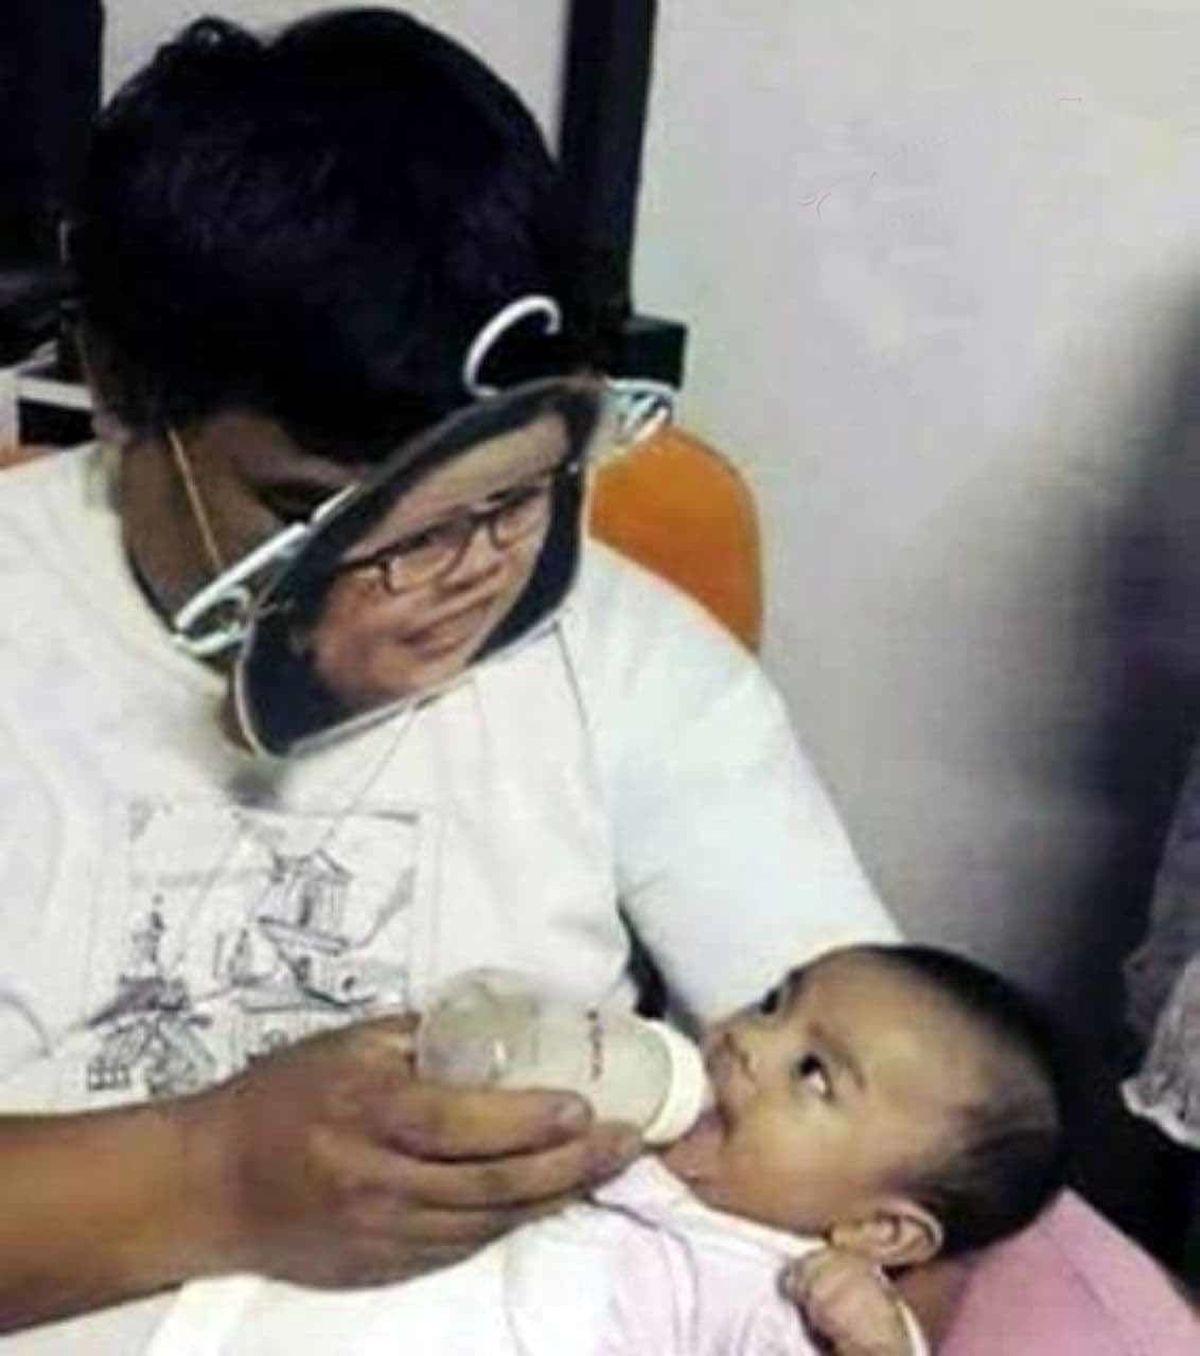 تصویر دیدنی از ایده یک پدر برای شیر دادن به نوزاد